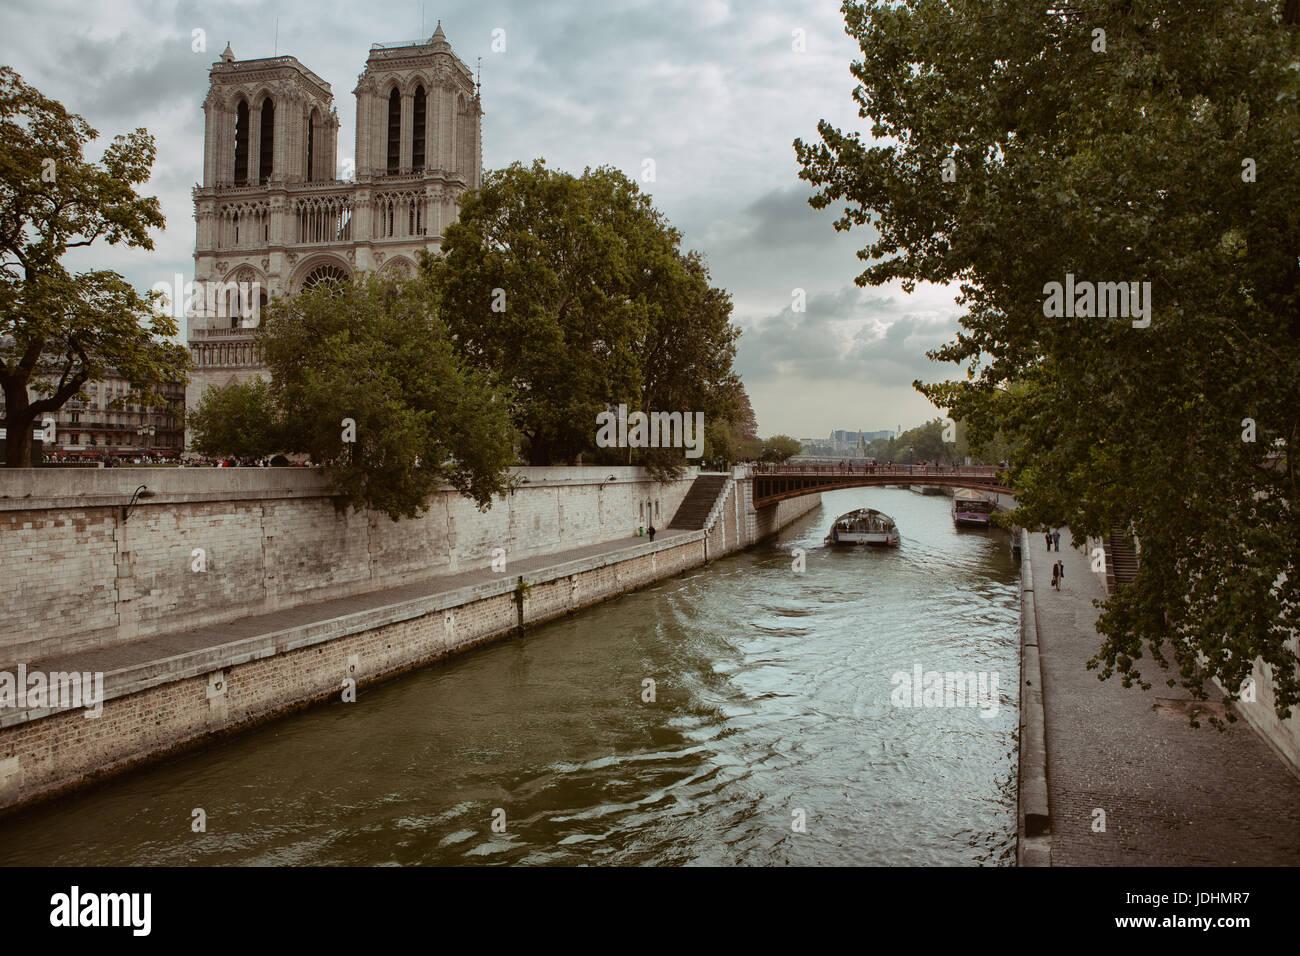 Cathédrale Notre-Dame de Paris, built in the 12th Century resides along the Seine in the Ile de la Cité. - Stock Image